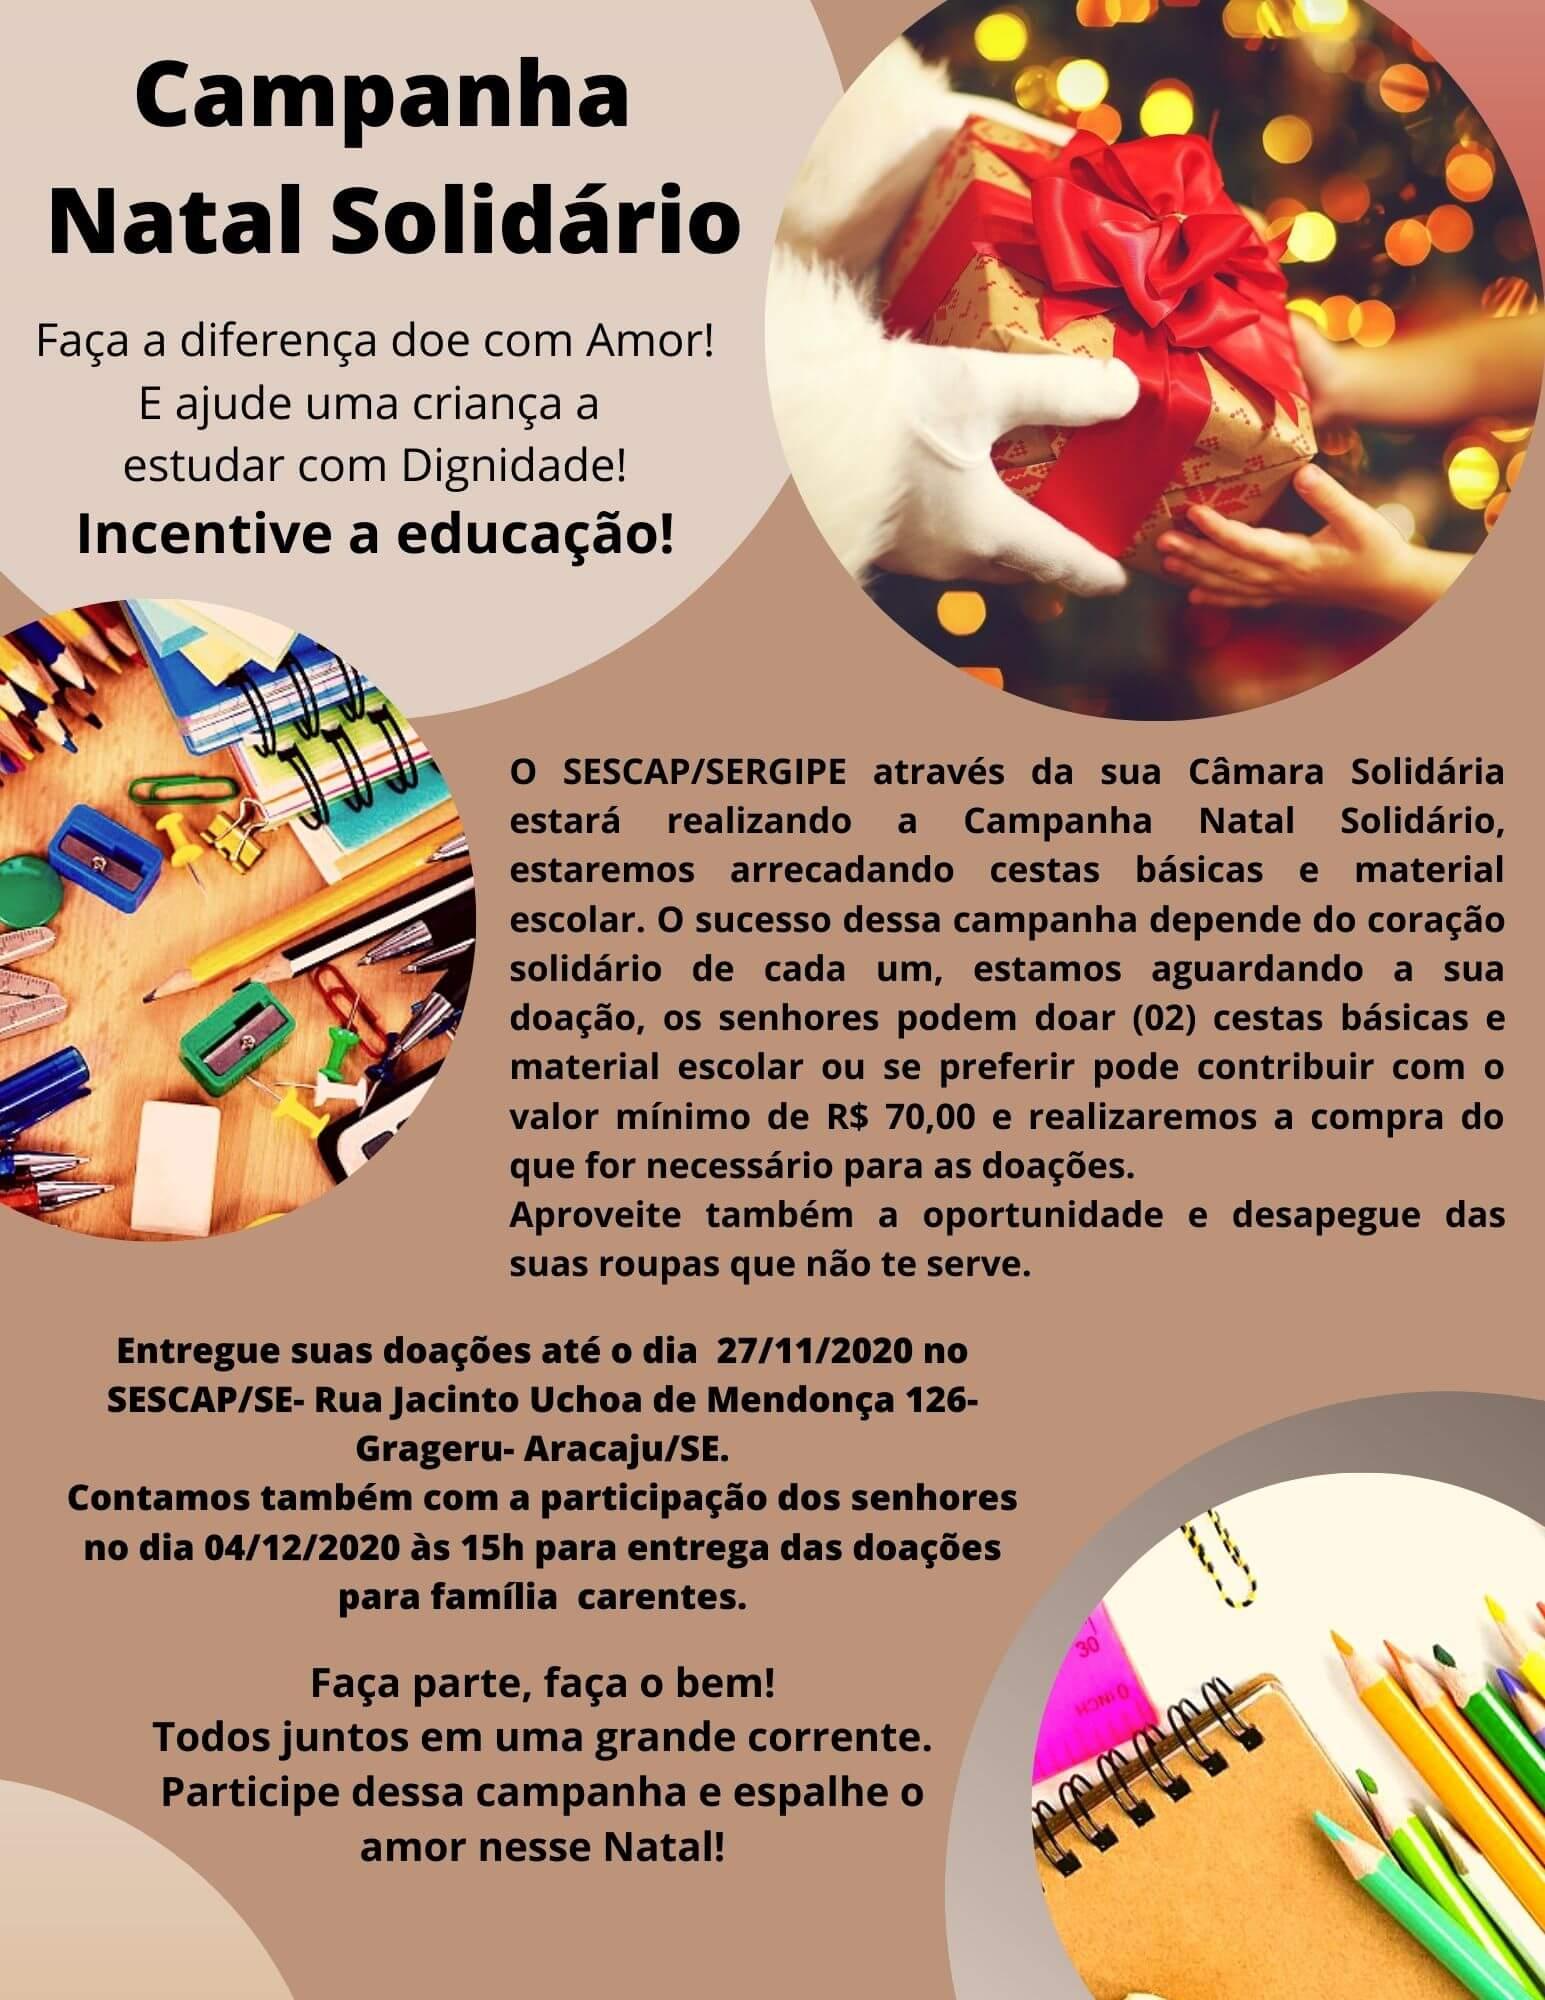 CAMPANHA NATAL SOLIDÁRIO